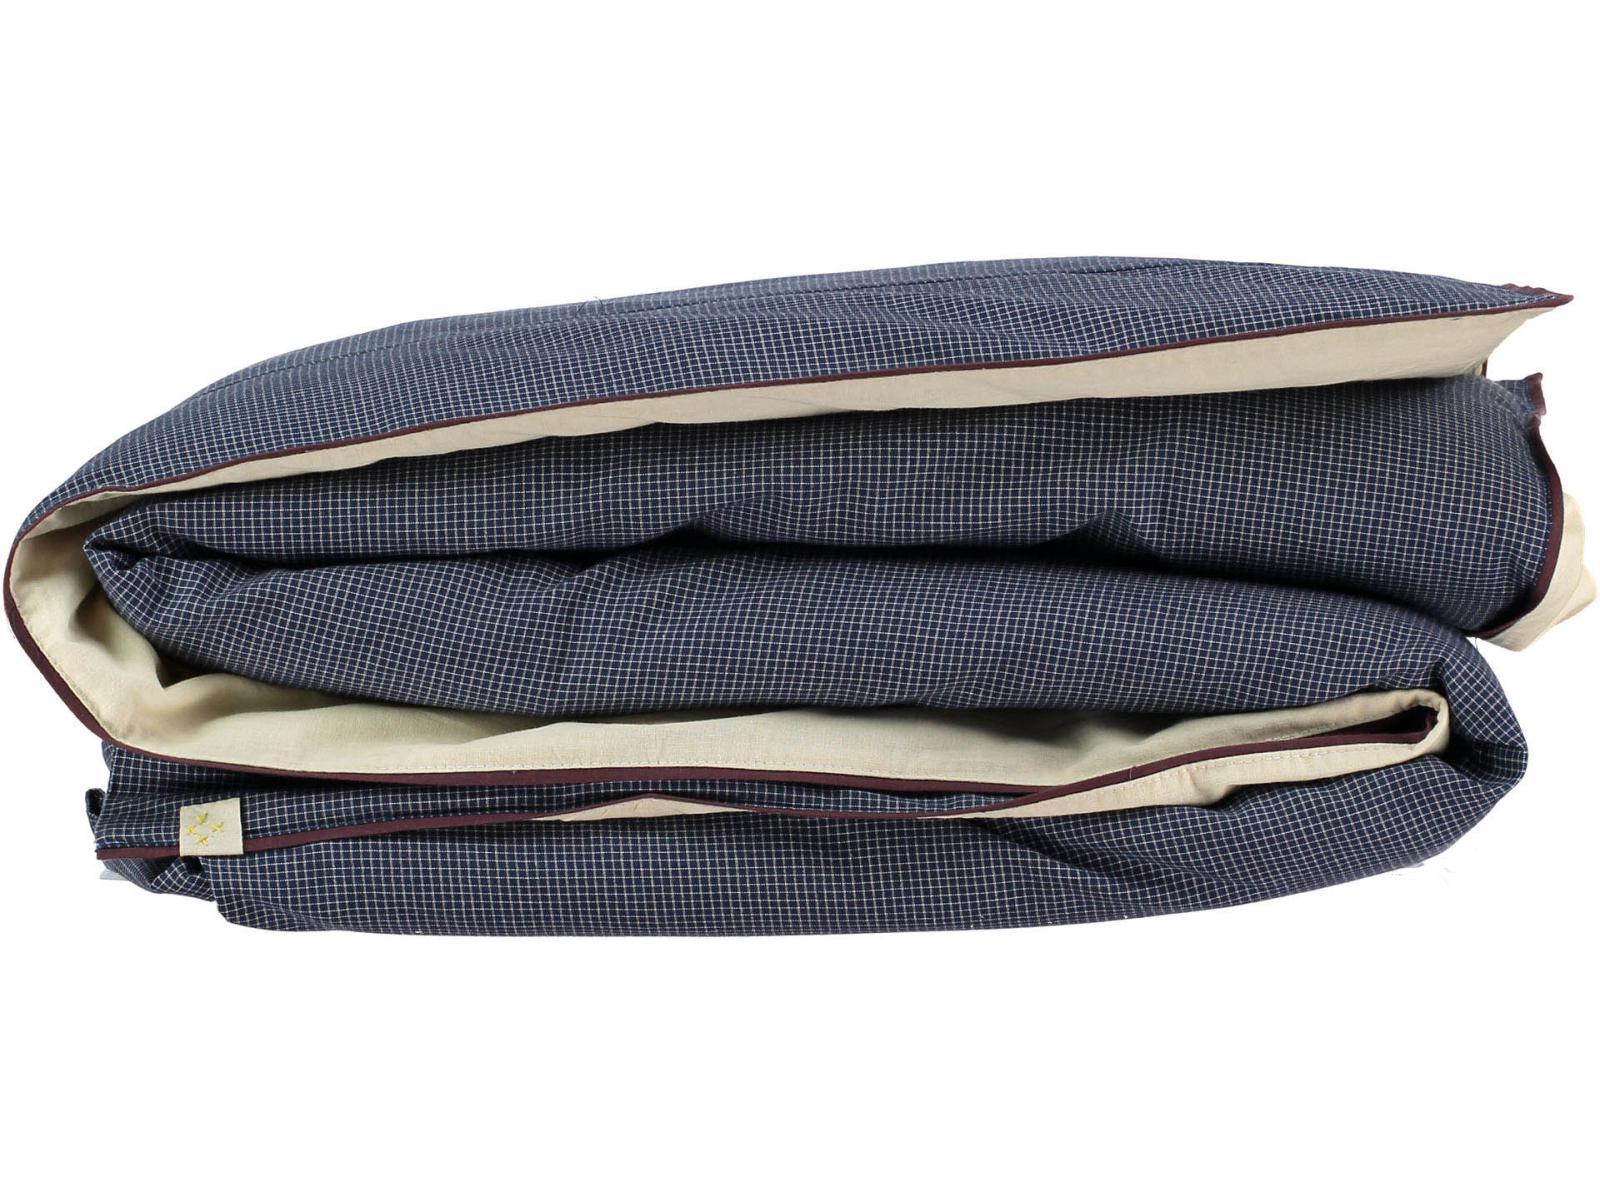 camomile london housse de couette imprim e petits carreaux navy ivoire 140x200 cm. Black Bedroom Furniture Sets. Home Design Ideas